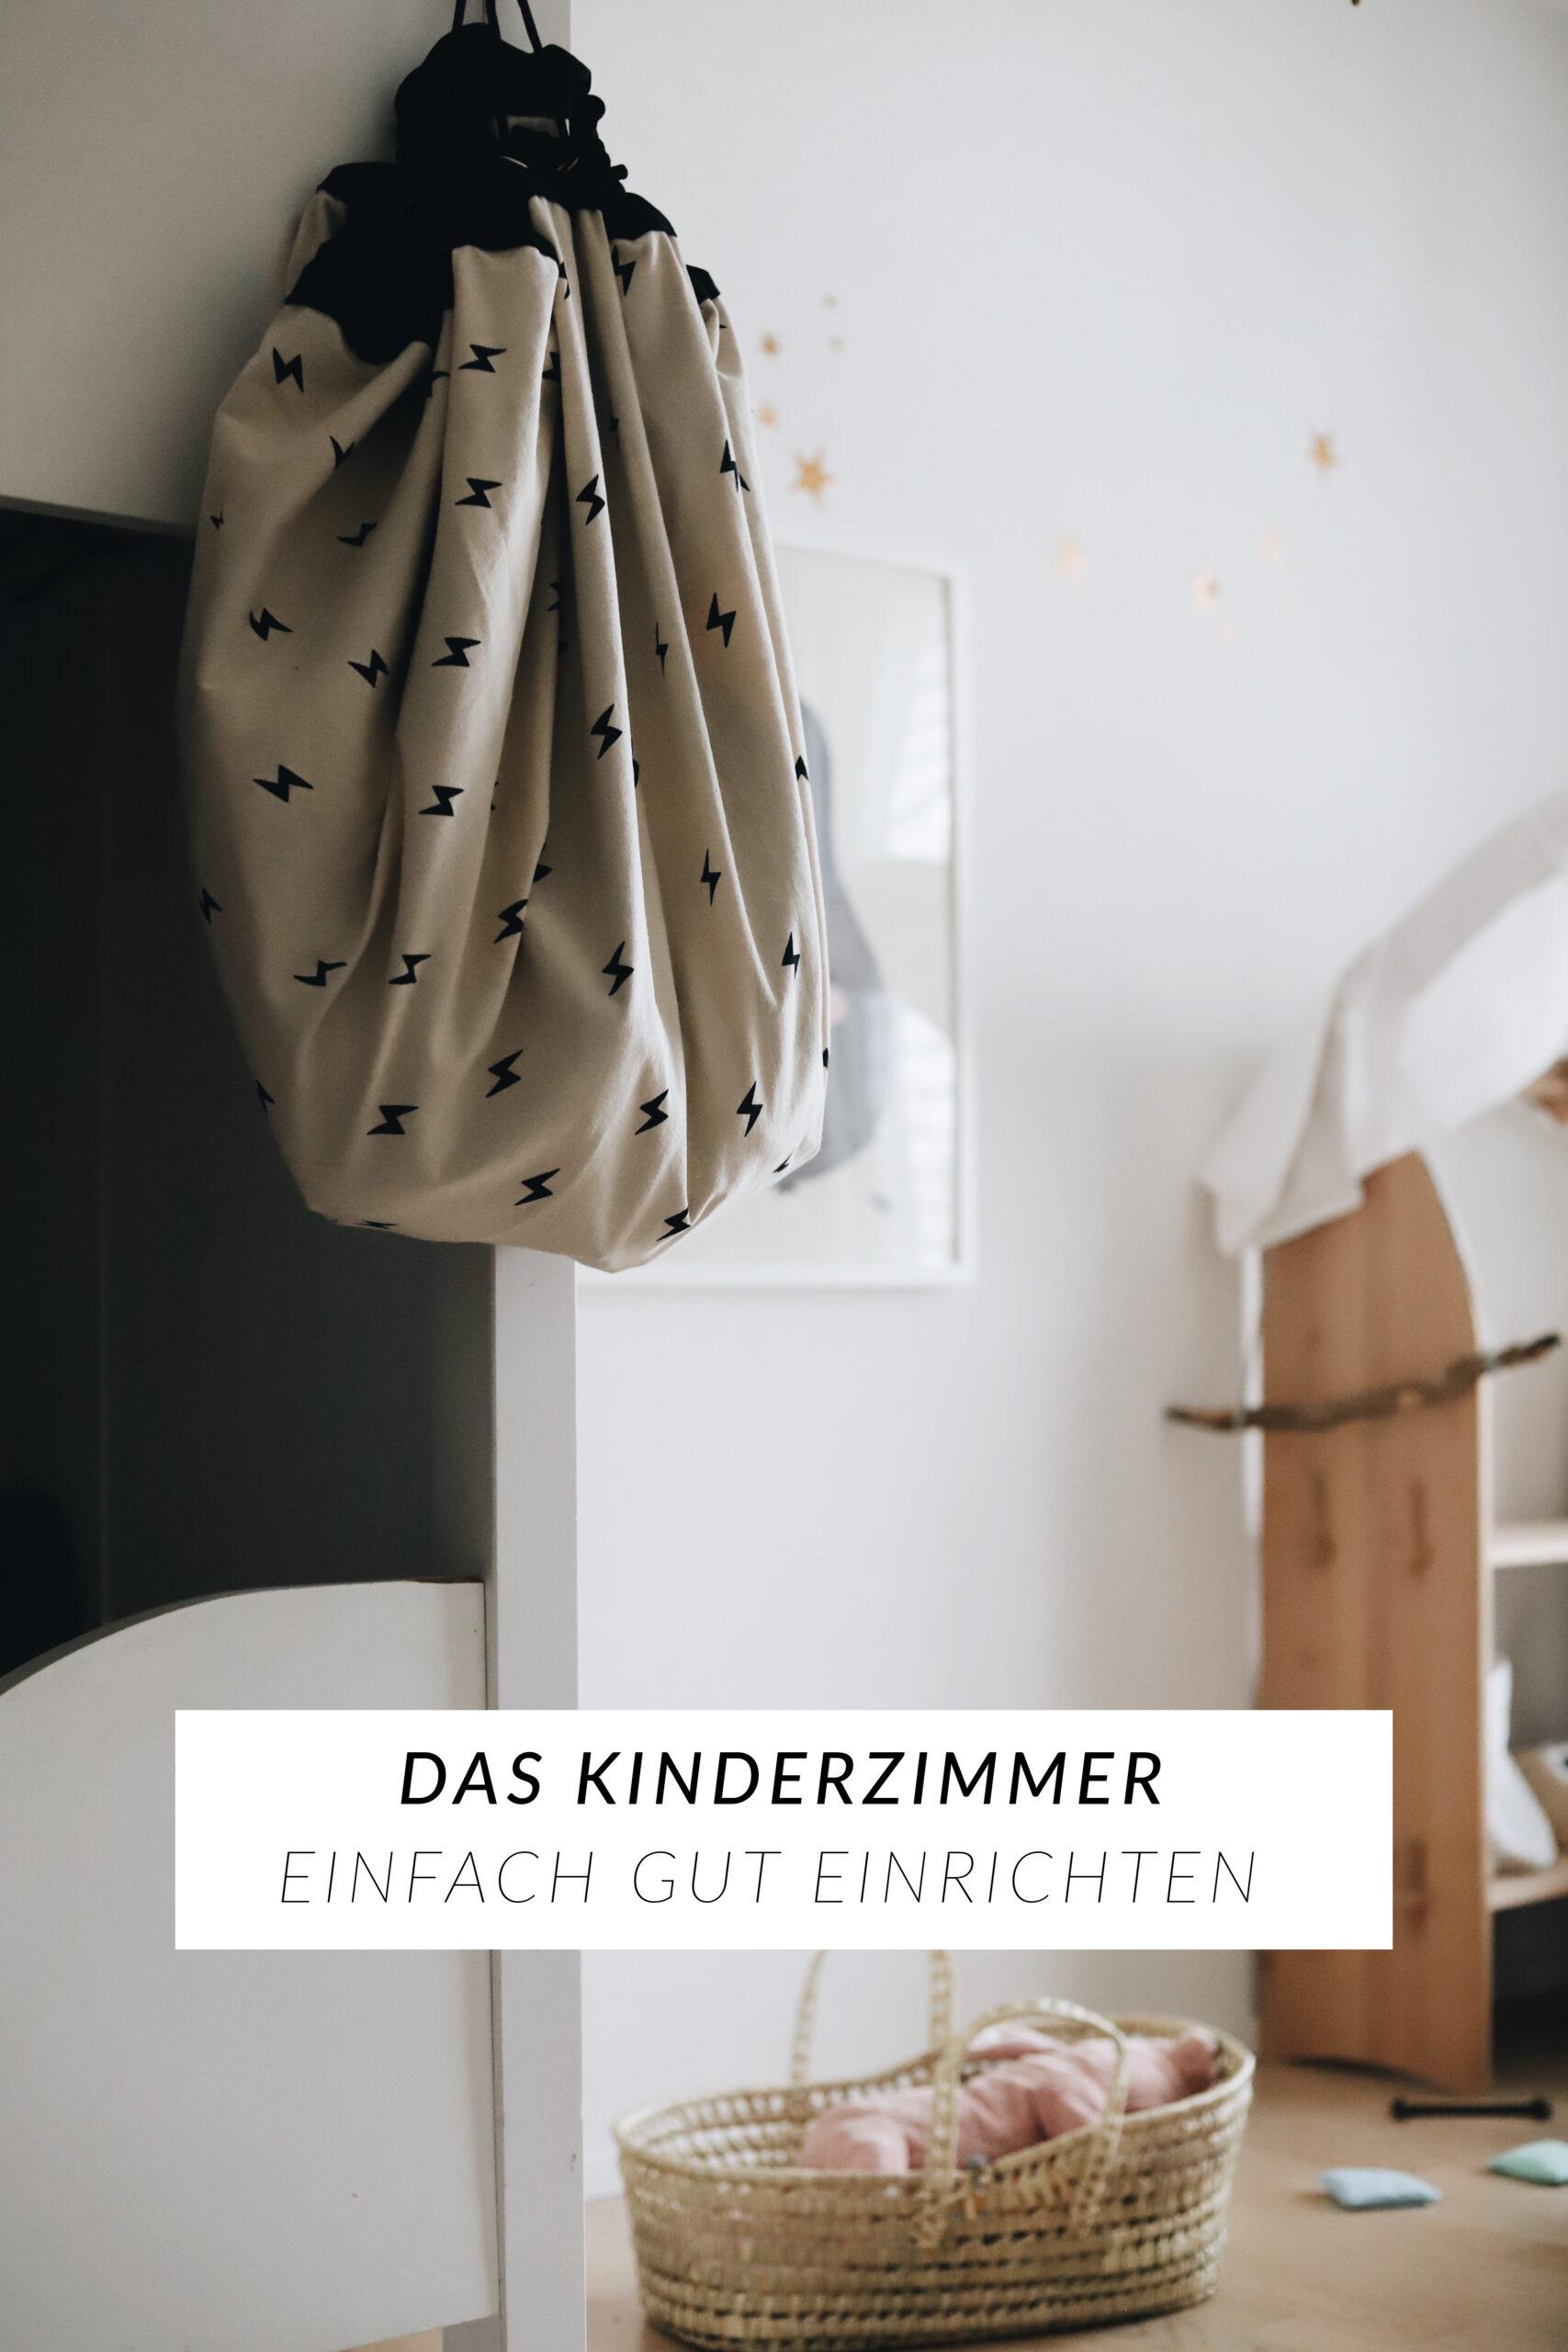 Full Size of Kinderzimmer Einfach Küche Einrichten Regal Weiß Kleine Badezimmer Regale Sofa Kinderzimmer Kinderzimmer Einrichten Junge